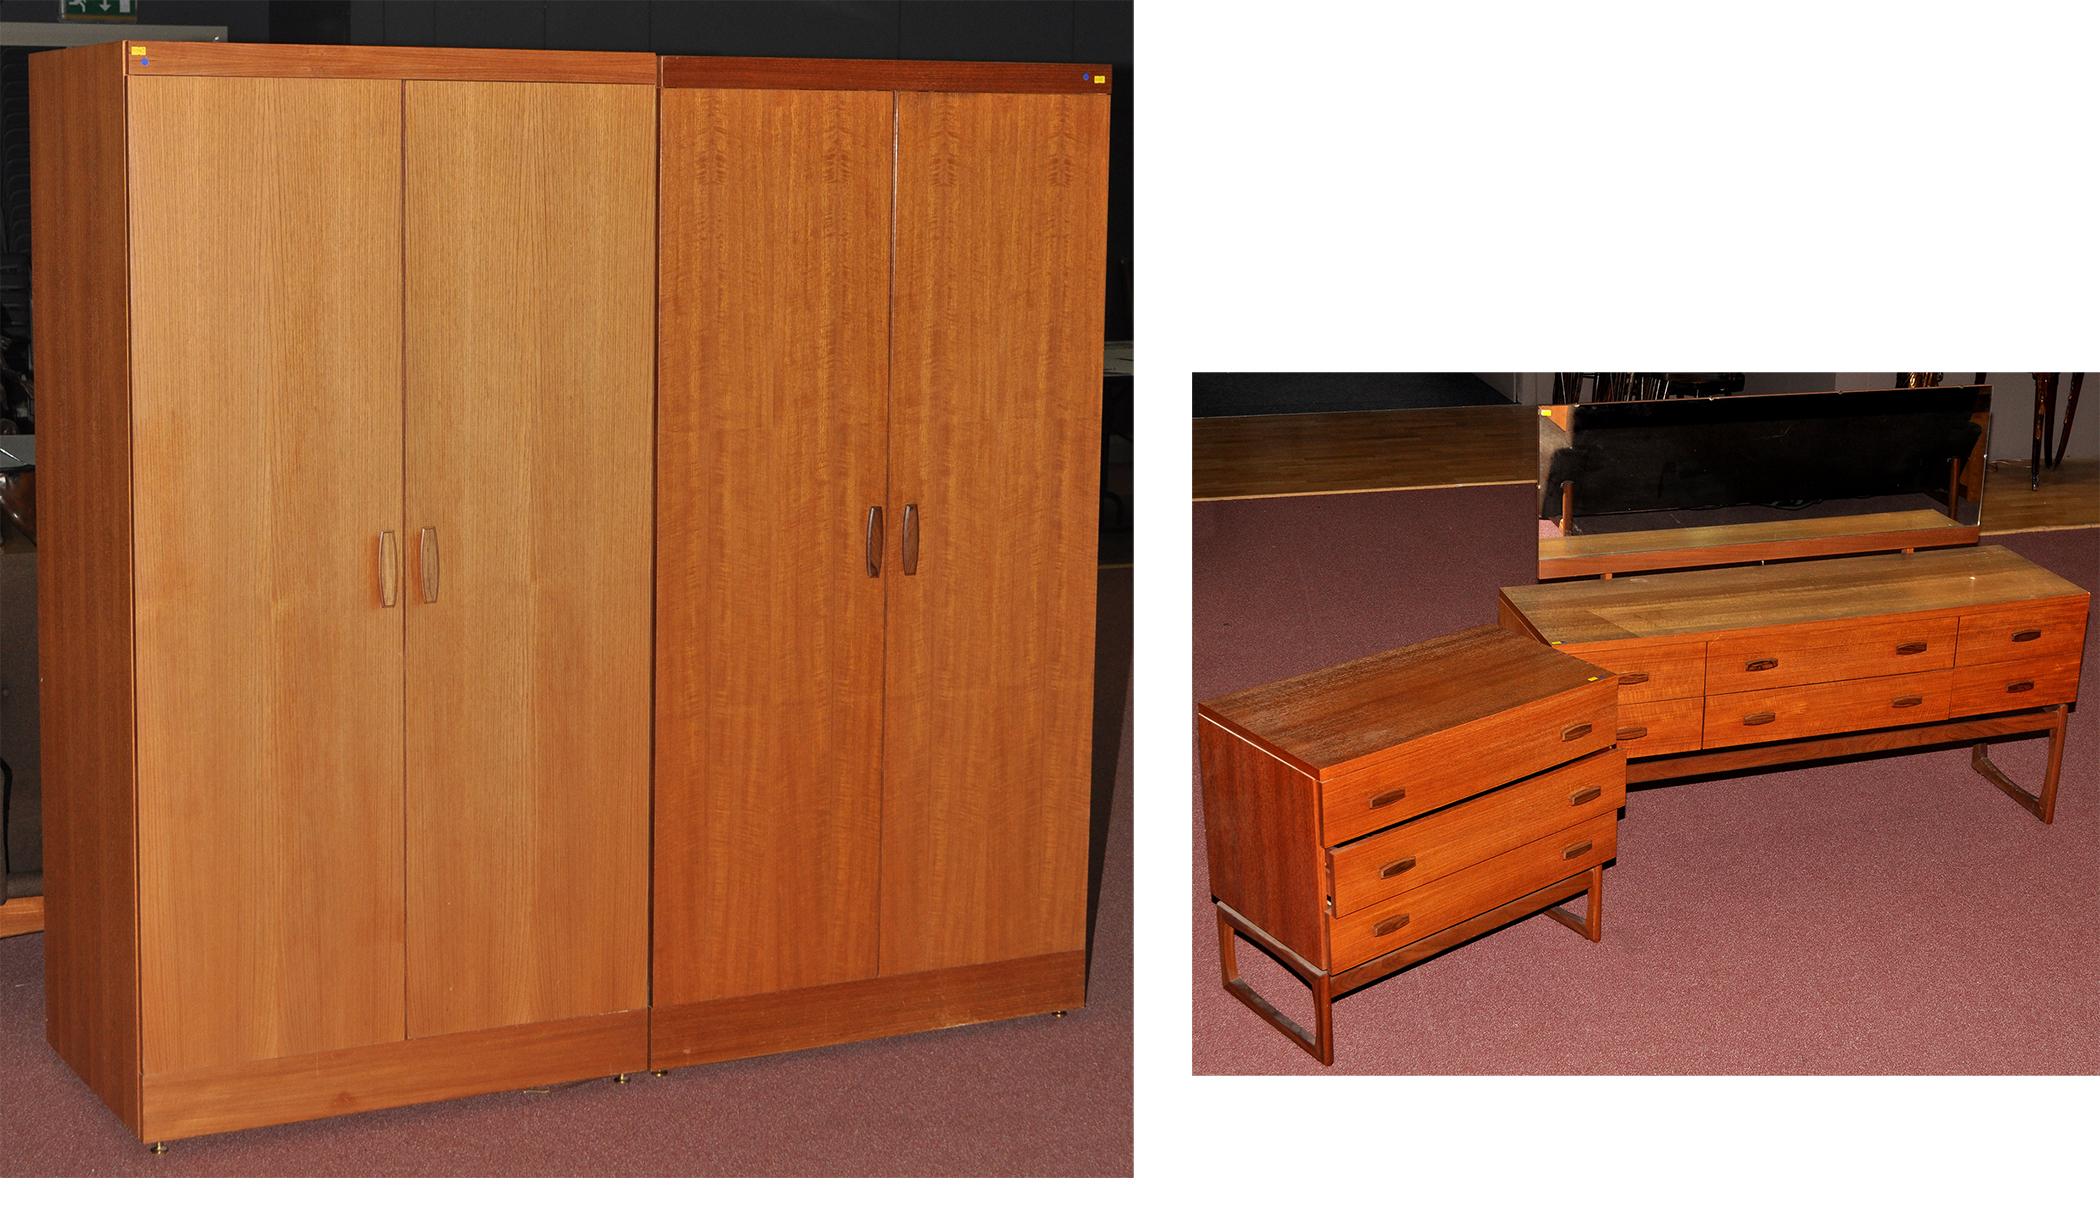 E gomme g plan a teak four piece 39 quadrille 39 pattern for G plan bedroom suite